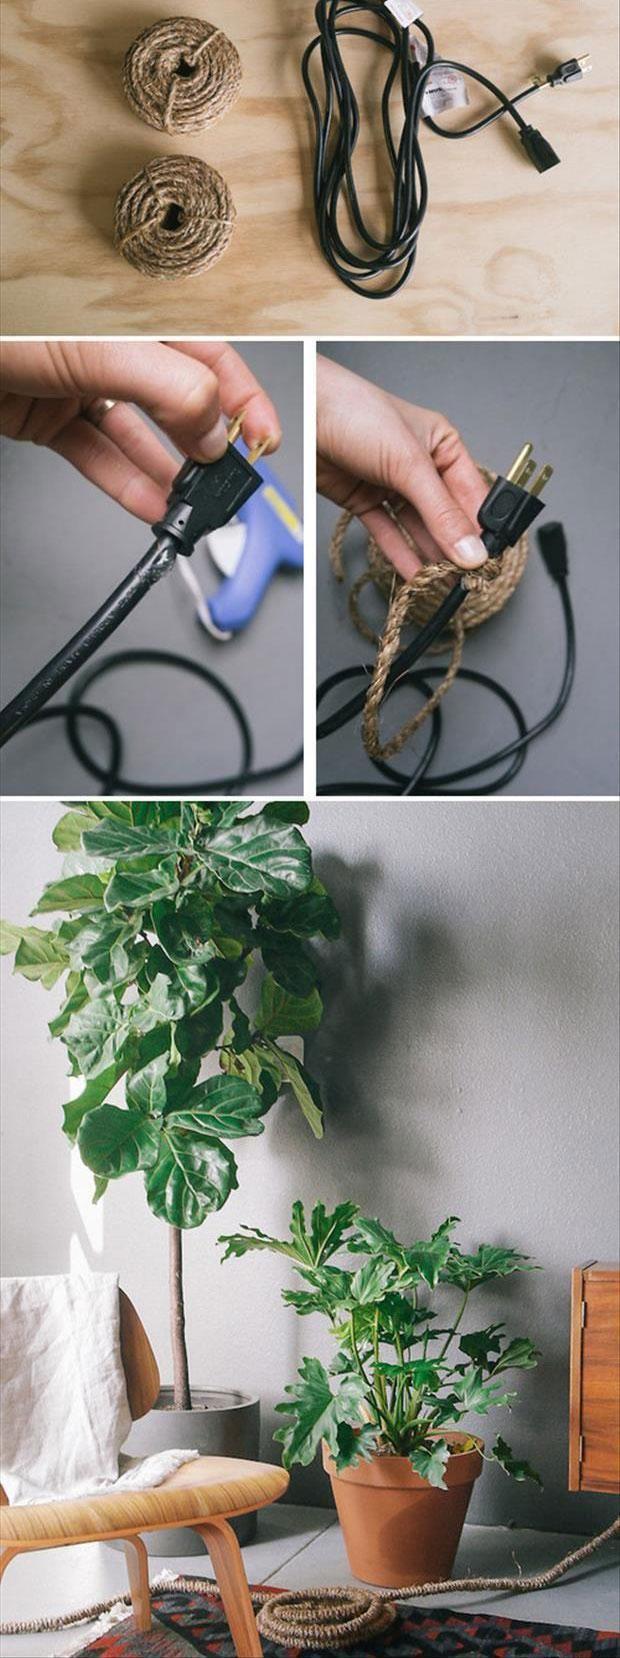 Kleine kreative Ideen zum Selbermachen #13